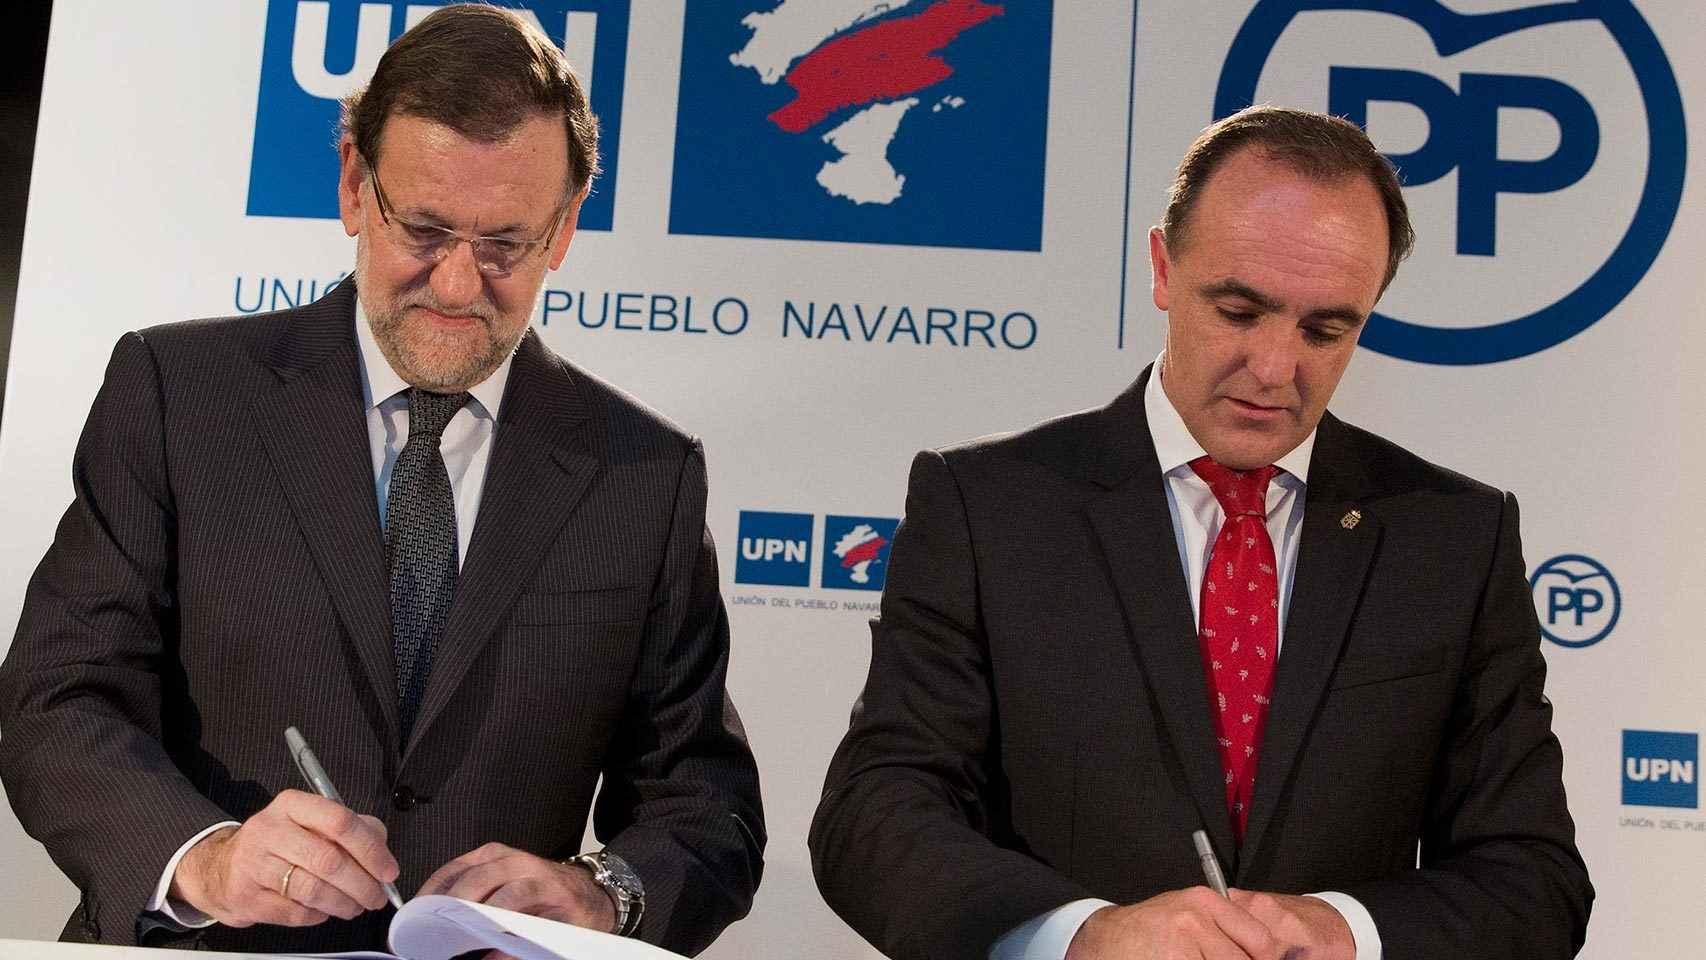 Mariano Rajoy y Javier Esparza firman el pacto entre PP y UPN.